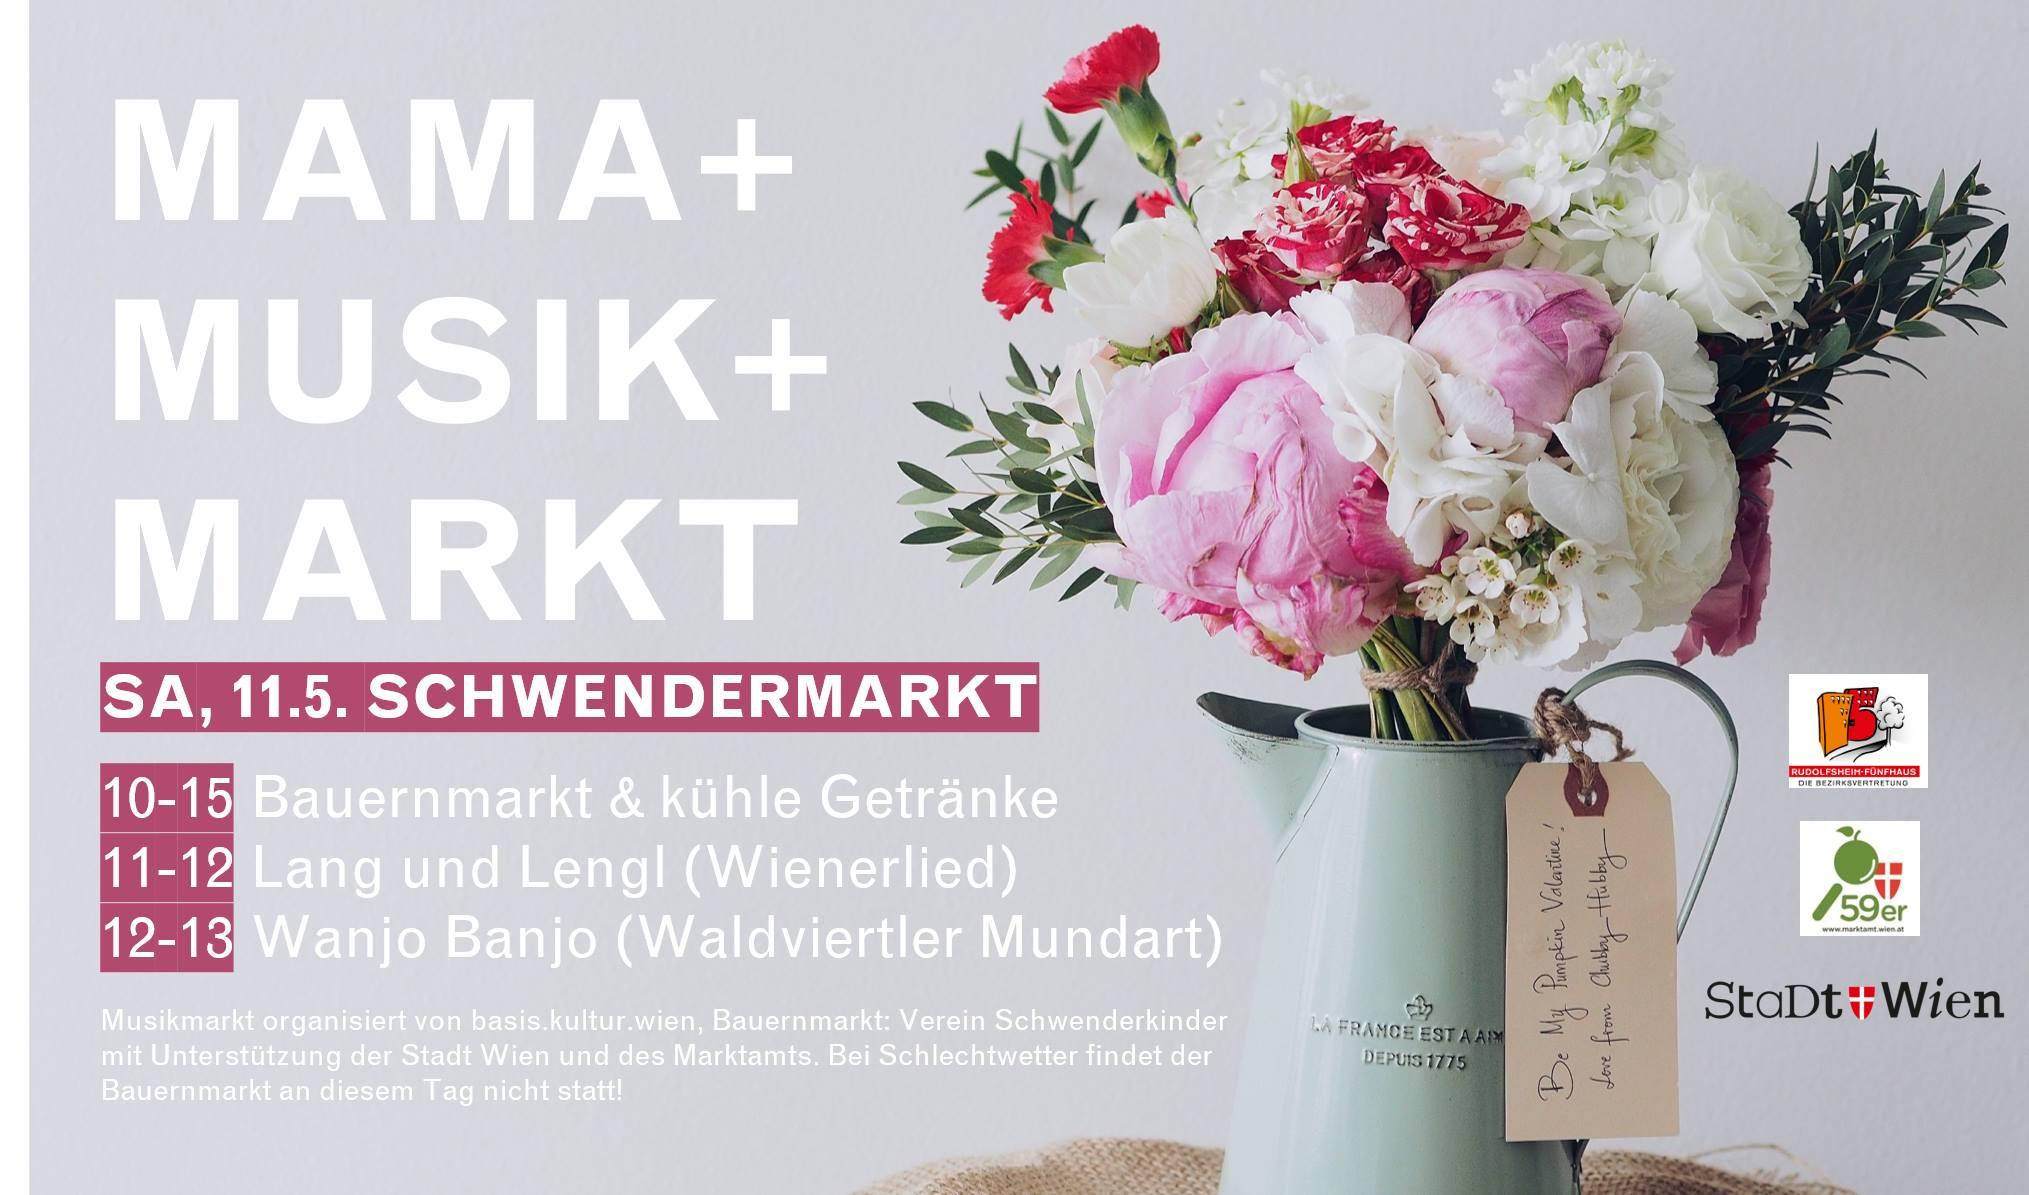 Mama_Musik_Markt FACEBOOK